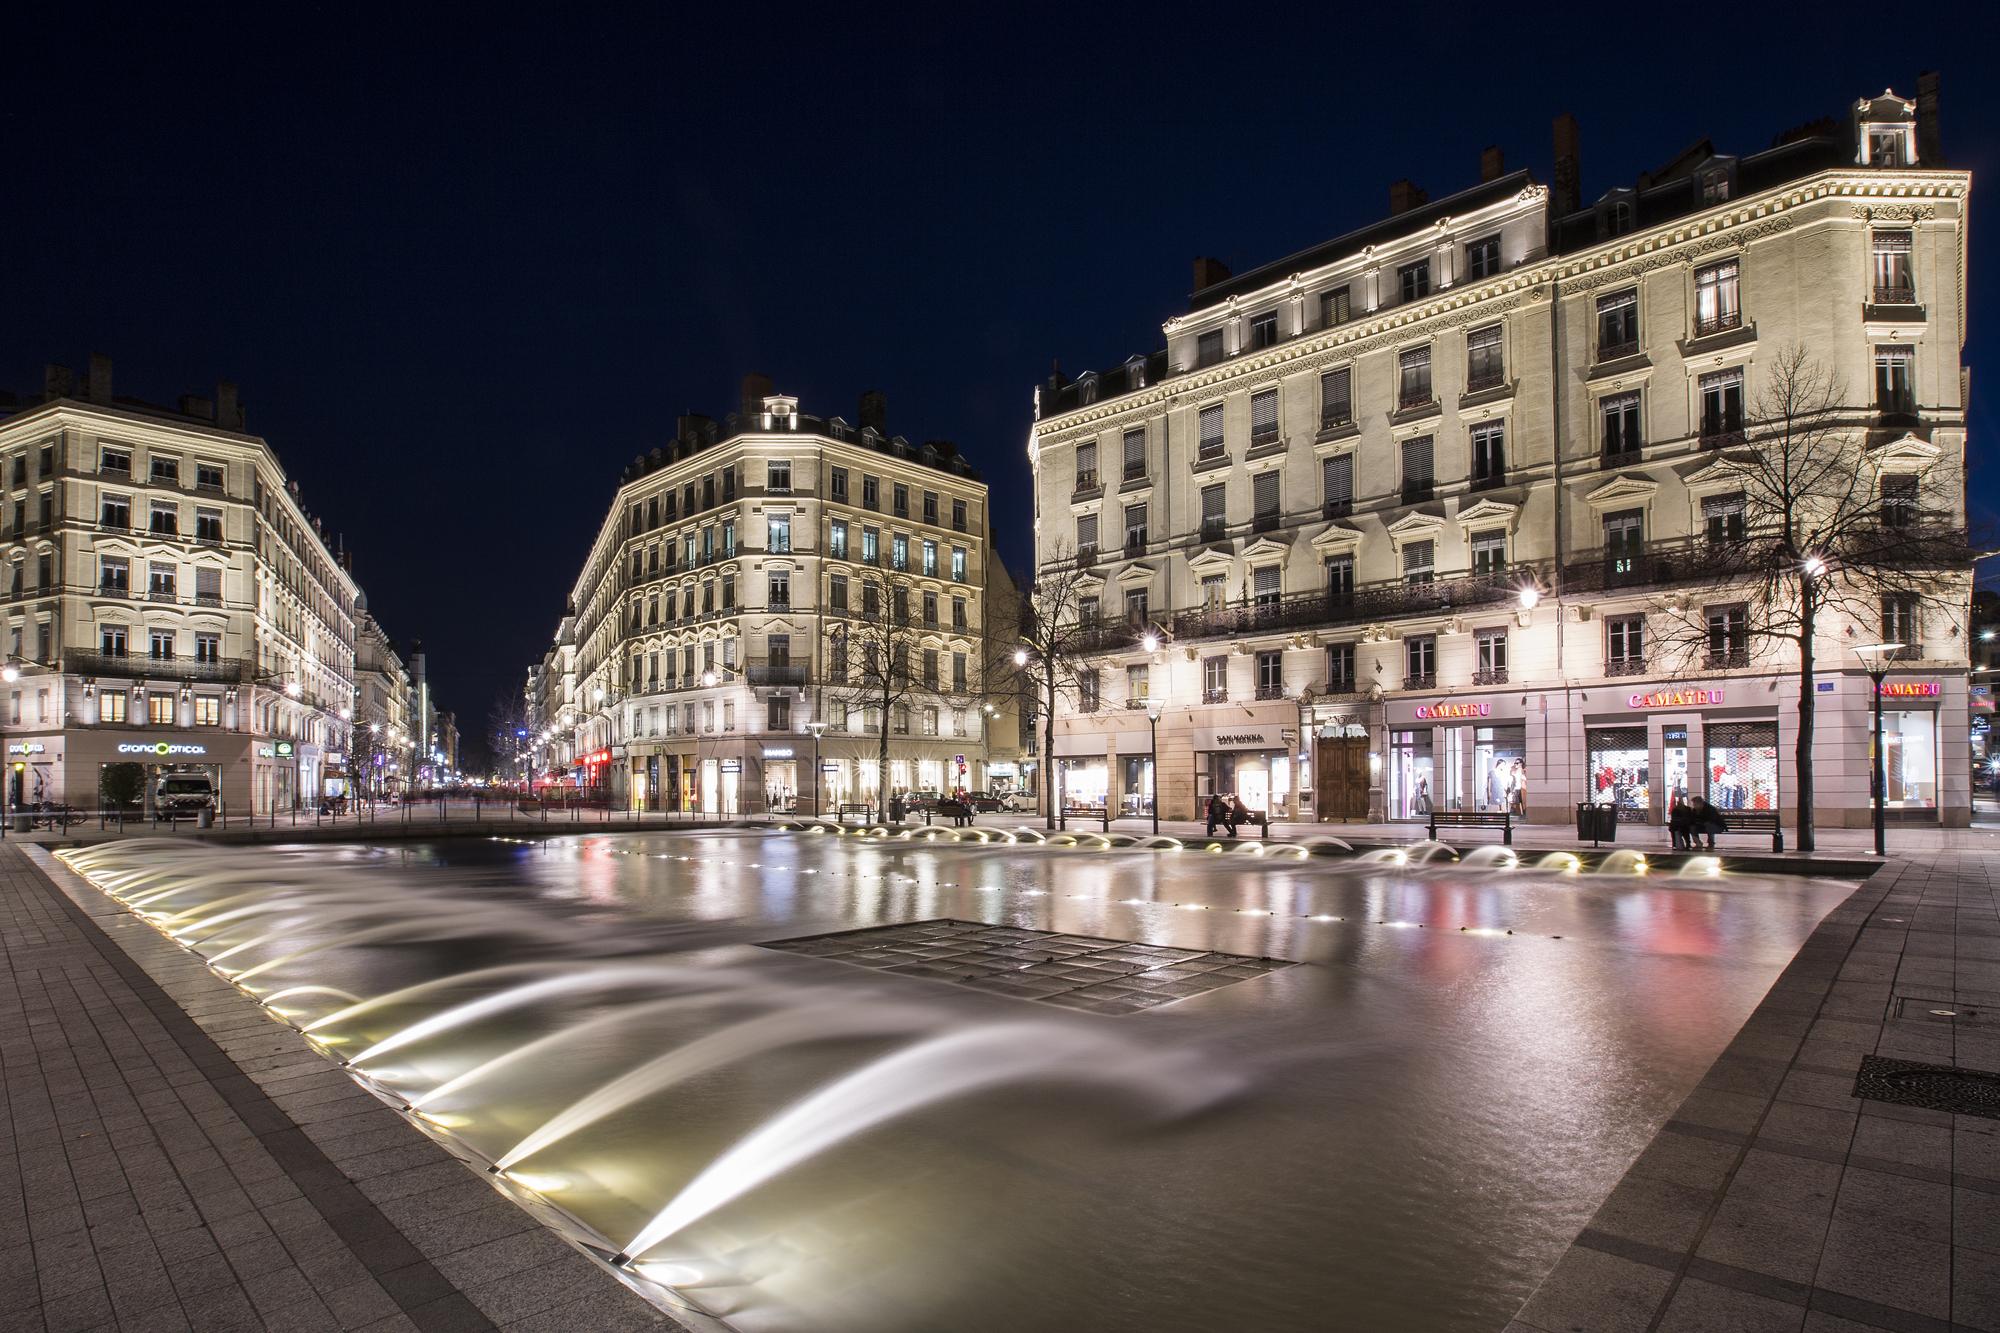 Rue_de_la_République_de_nuit_0017_Copyr